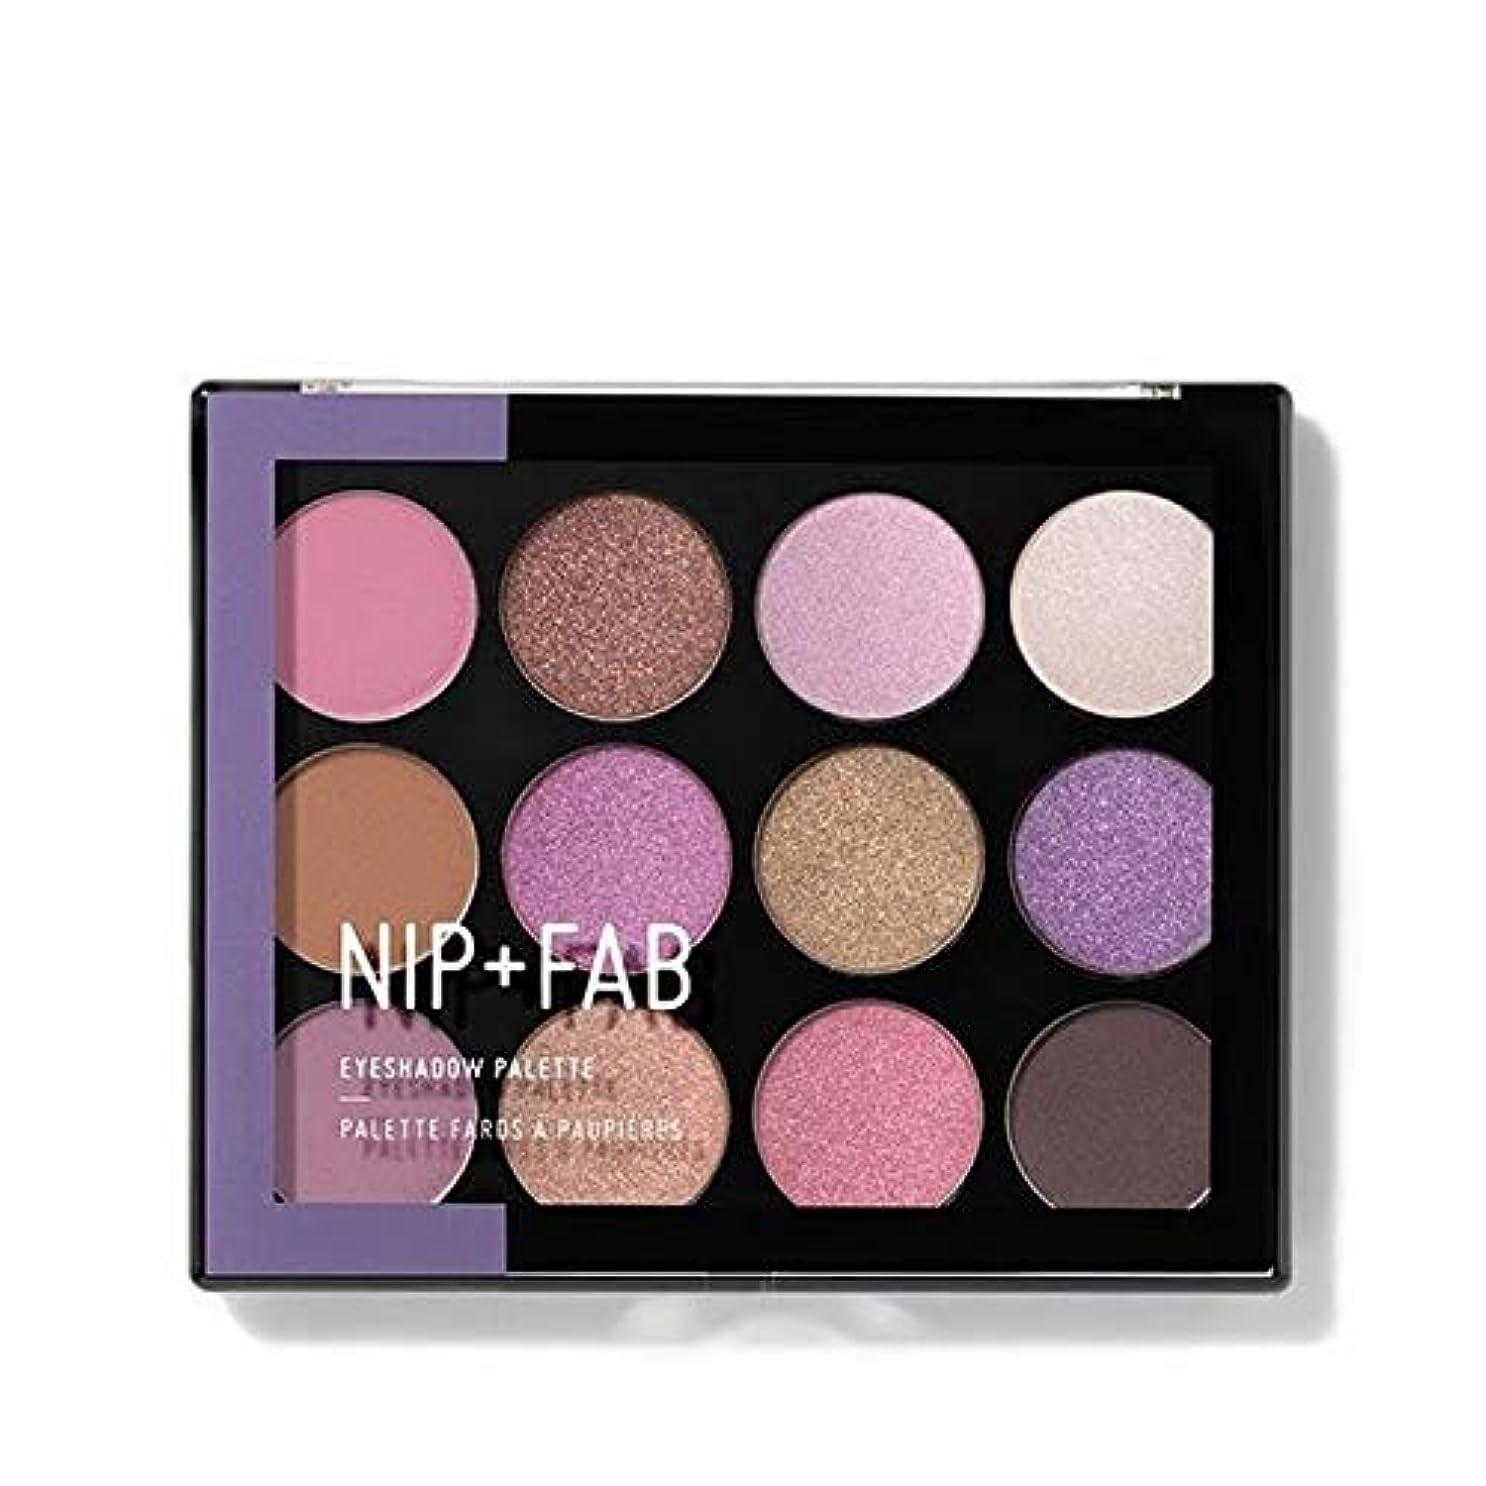 評論家ニュージーランド荒廃する[Nip & Fab ] アイシャドウパレット5を構成するFab +ニップ - NIP+FAB Make Up Eyeshadow Palette 5 [並行輸入品]